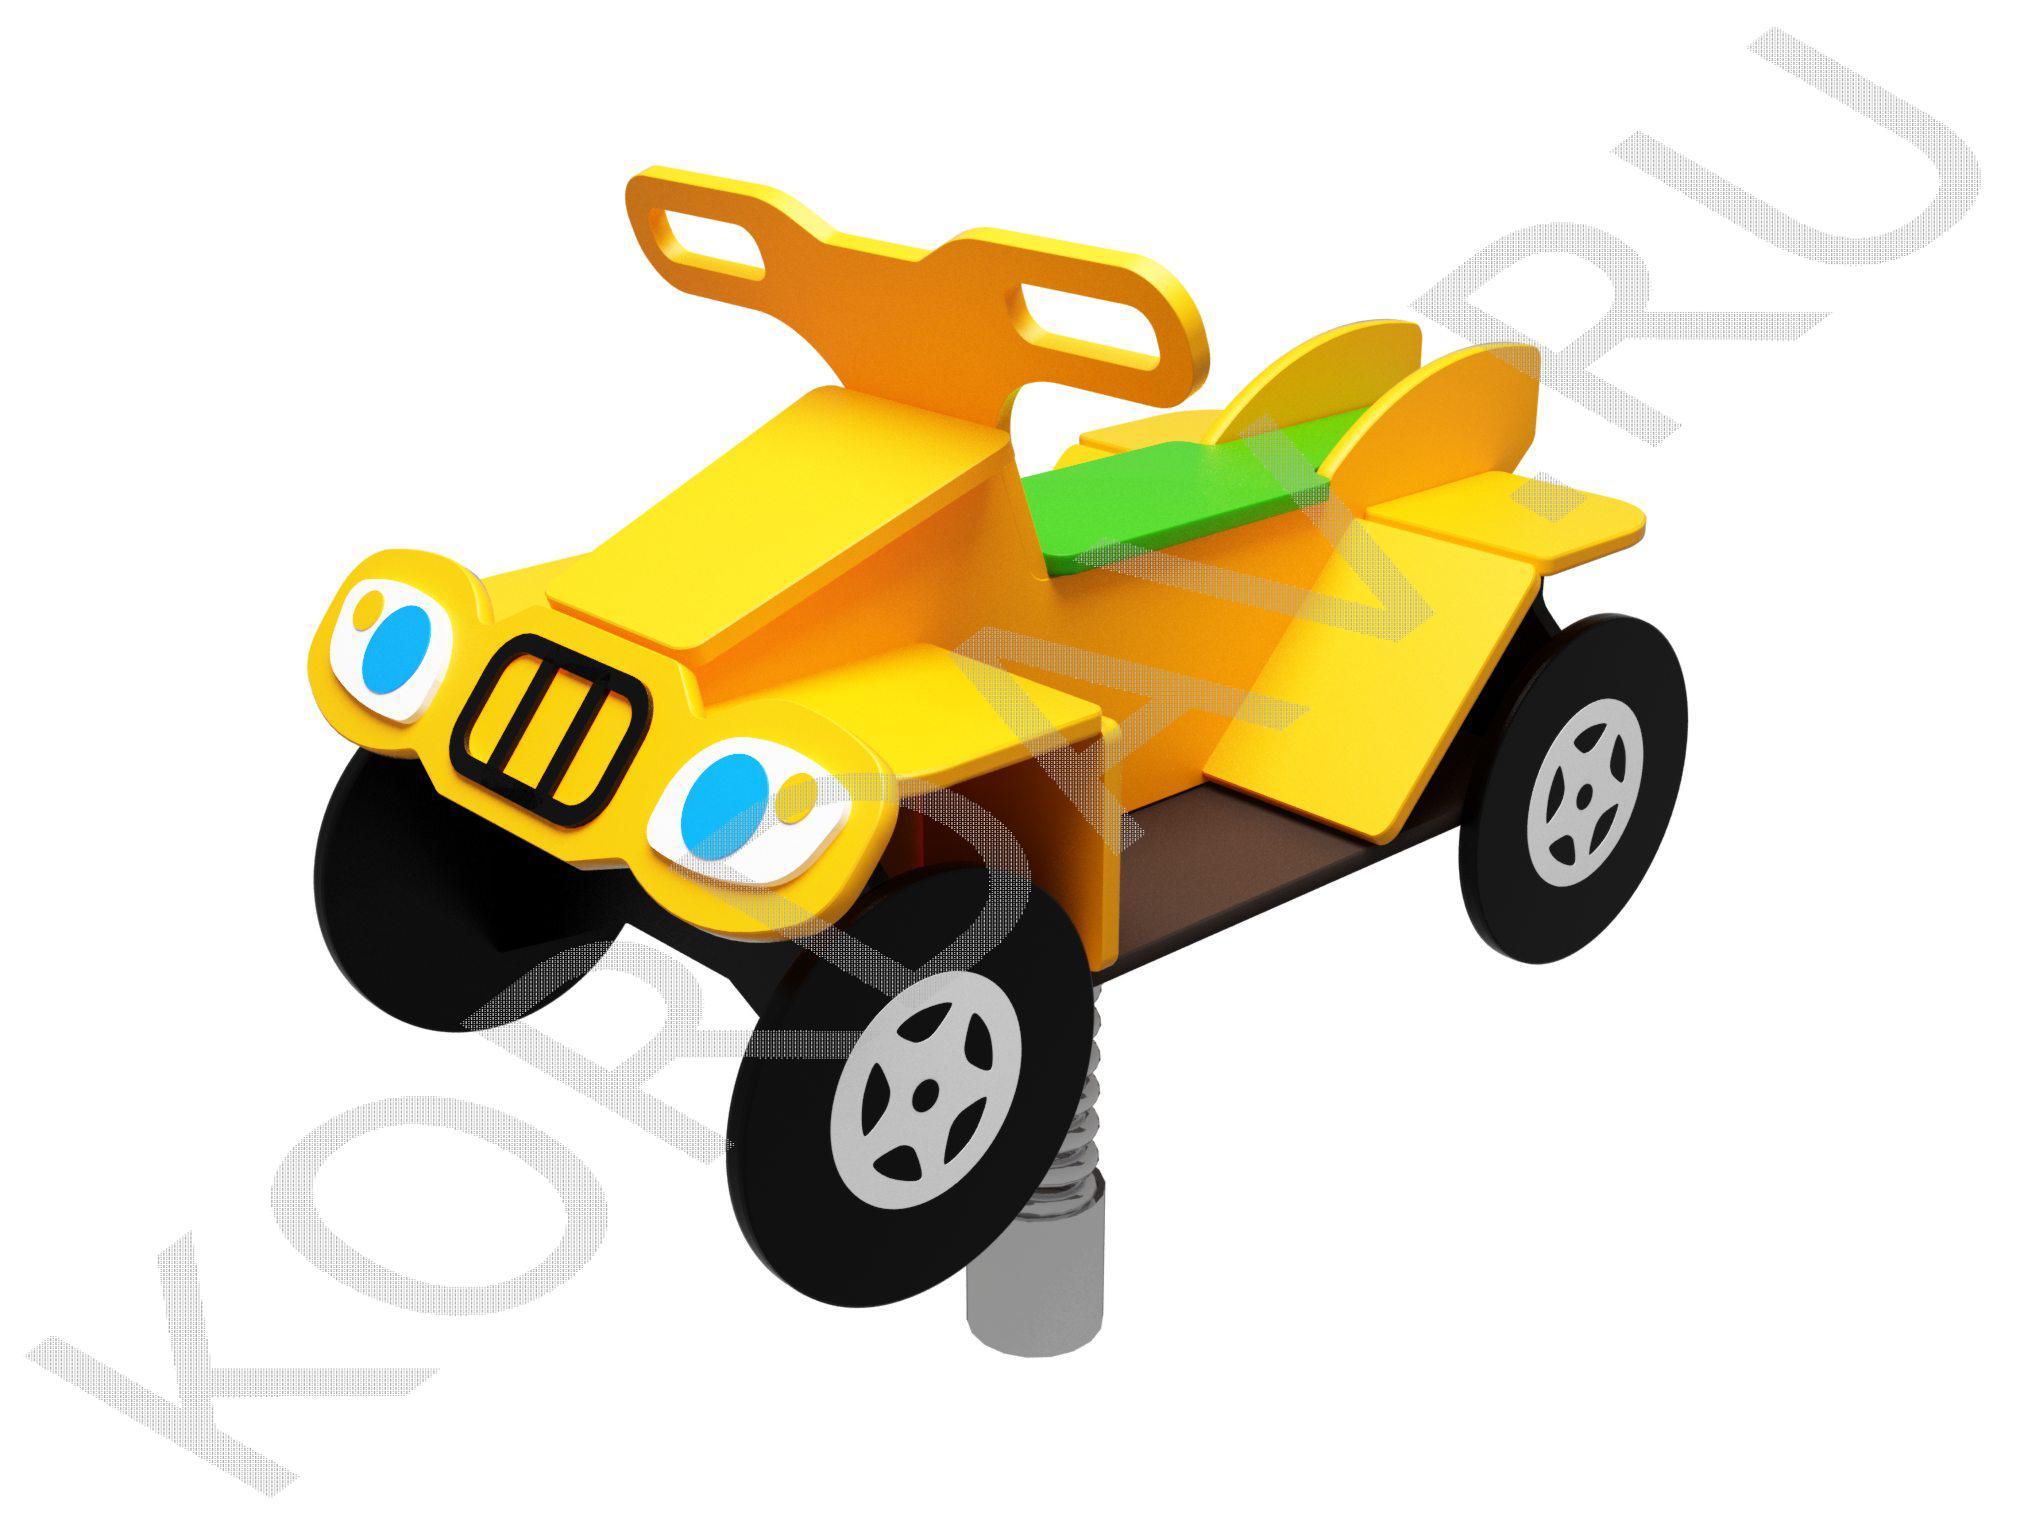 Качалка на пружине Квадроцикл ИО 7.243